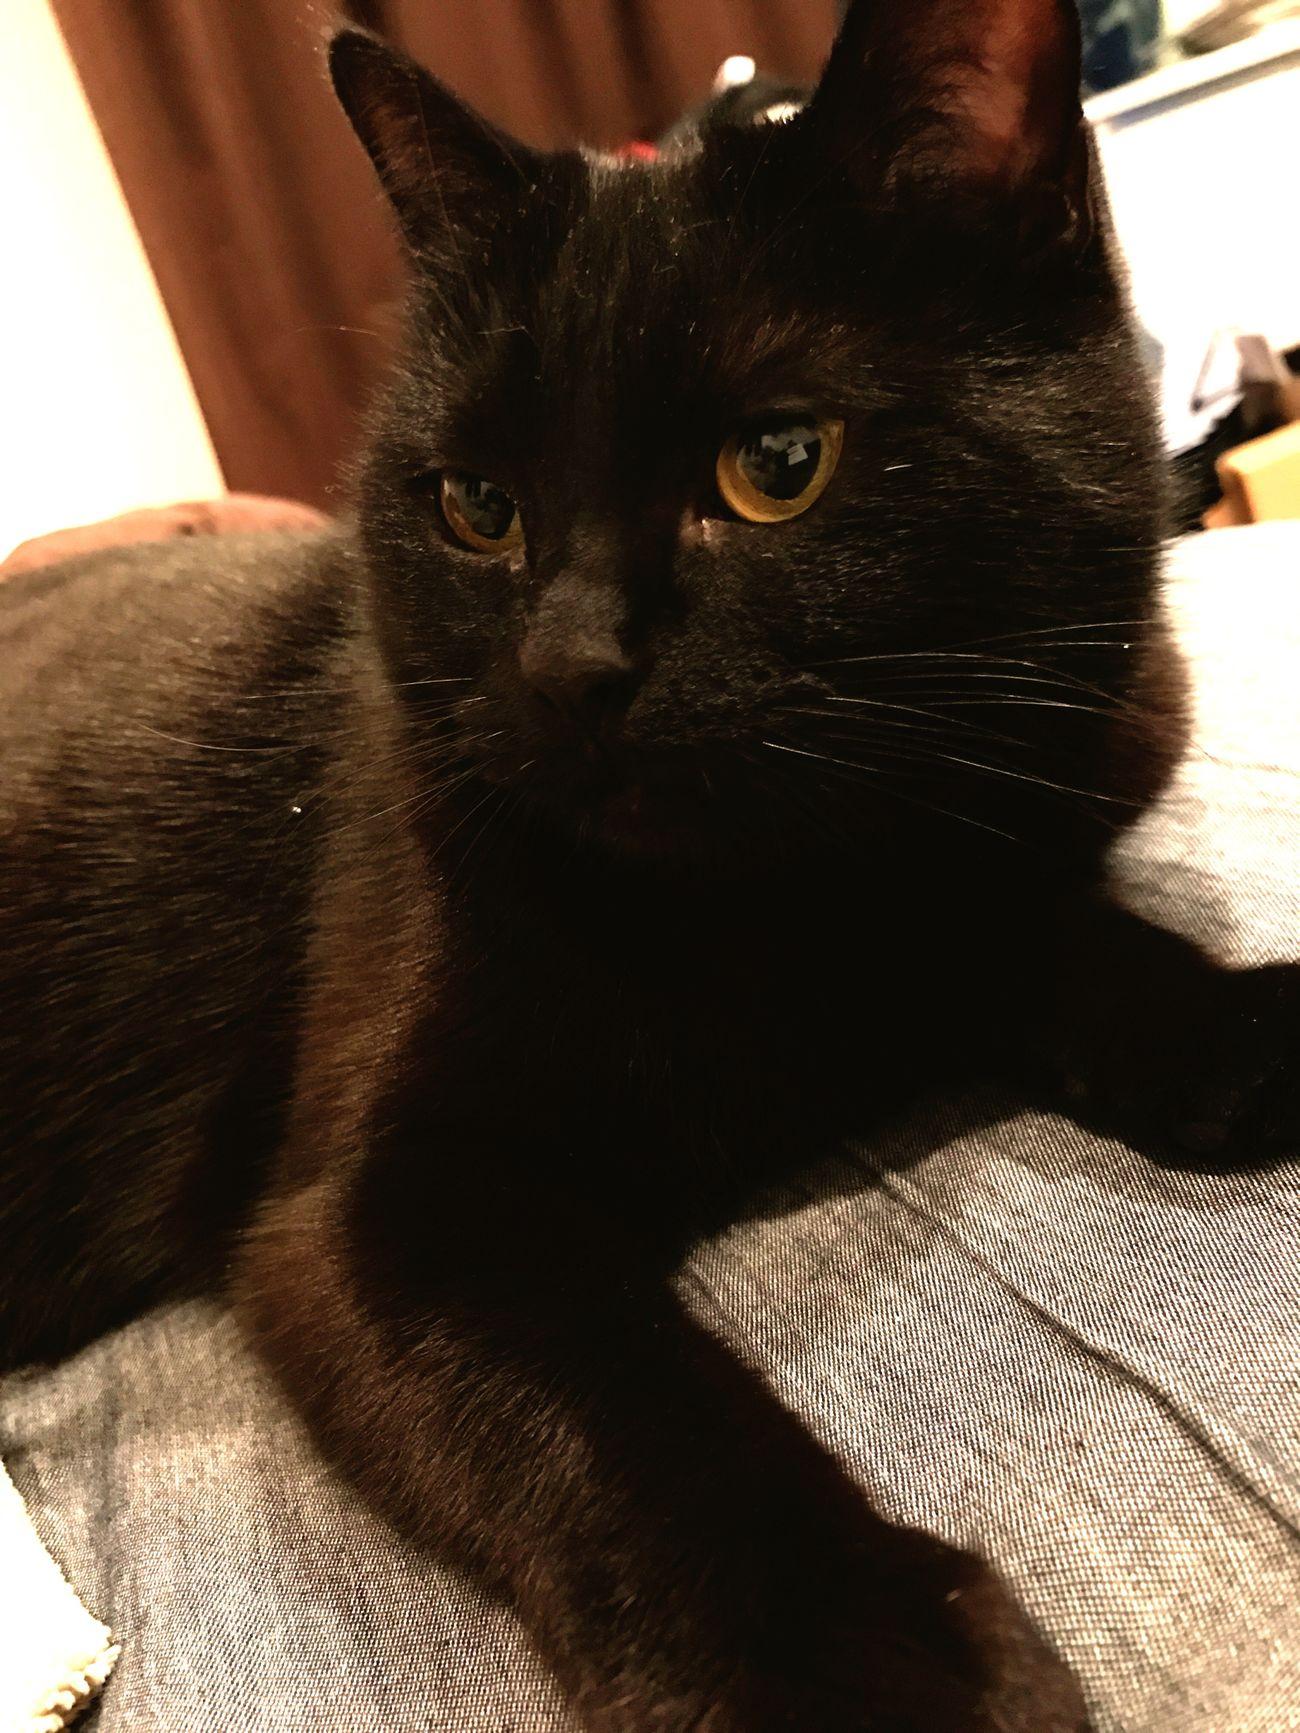 2ヶ月ぶりの再会。 Pets Cat Cats BLackCat Cat Lovers ねこ 黒猫 Cat♡